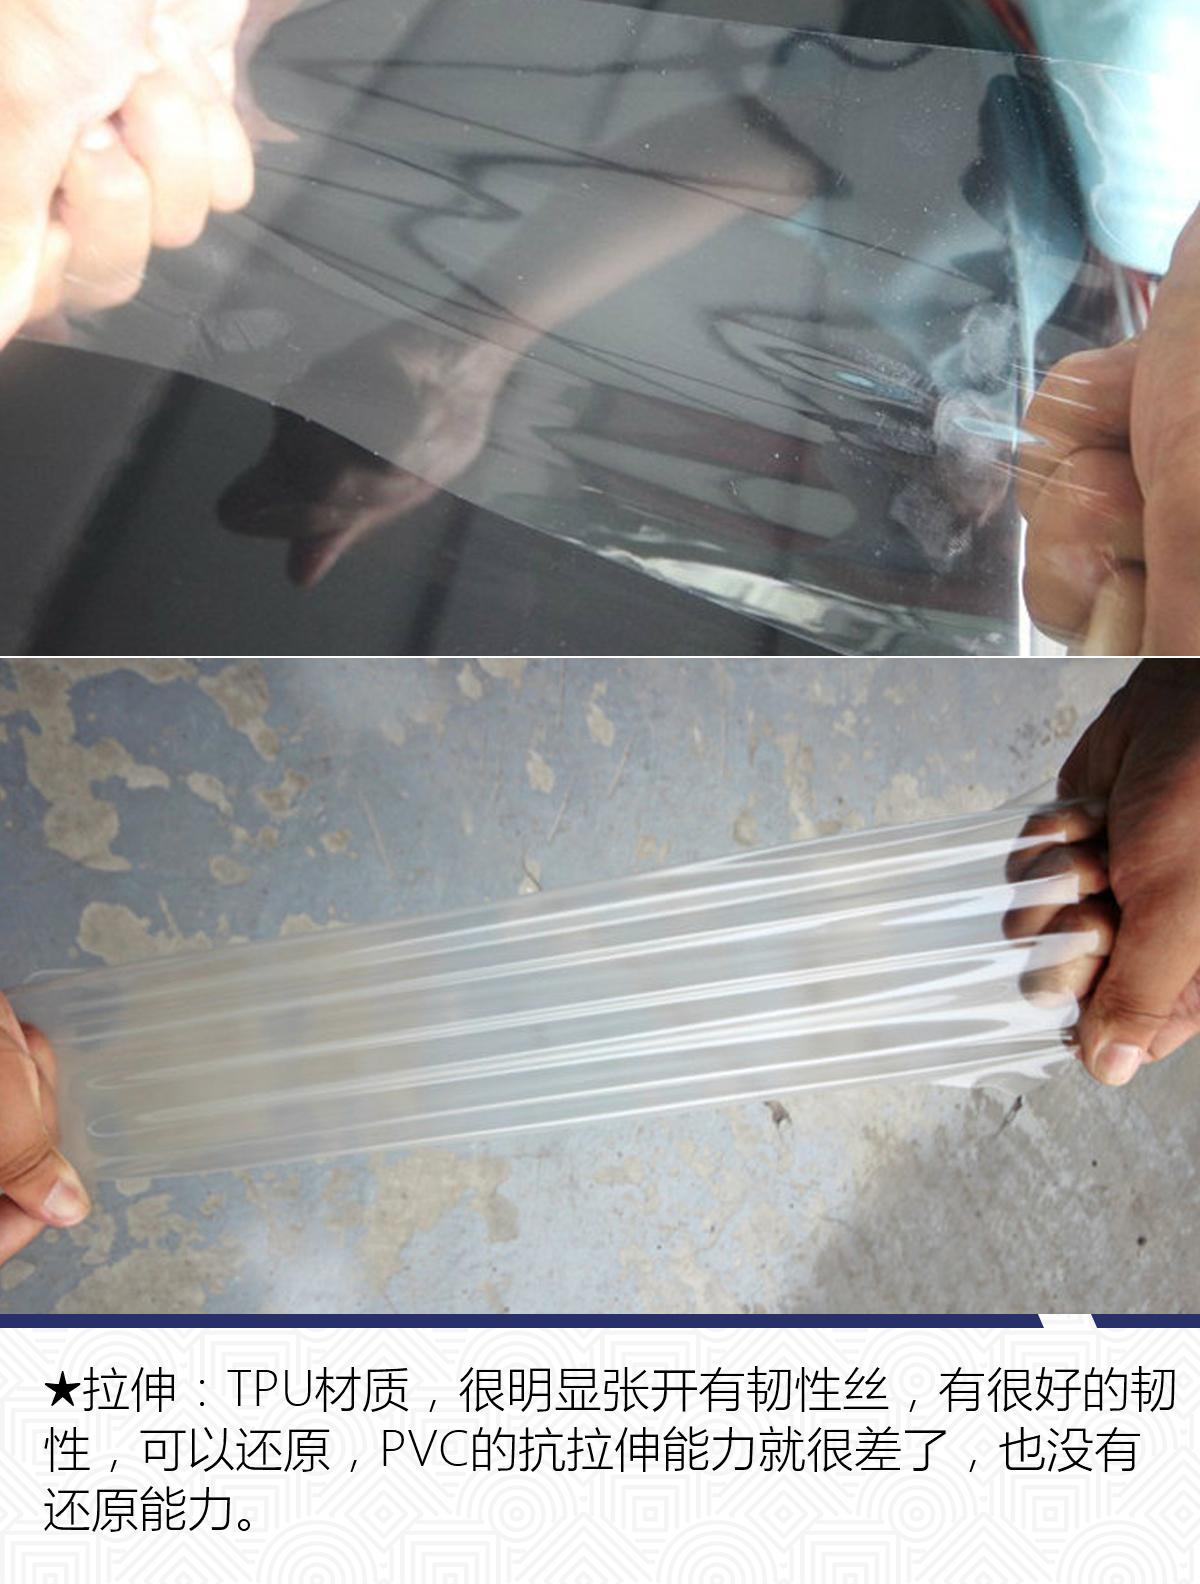 炒貨機廠家沈陽真人8C568B-856